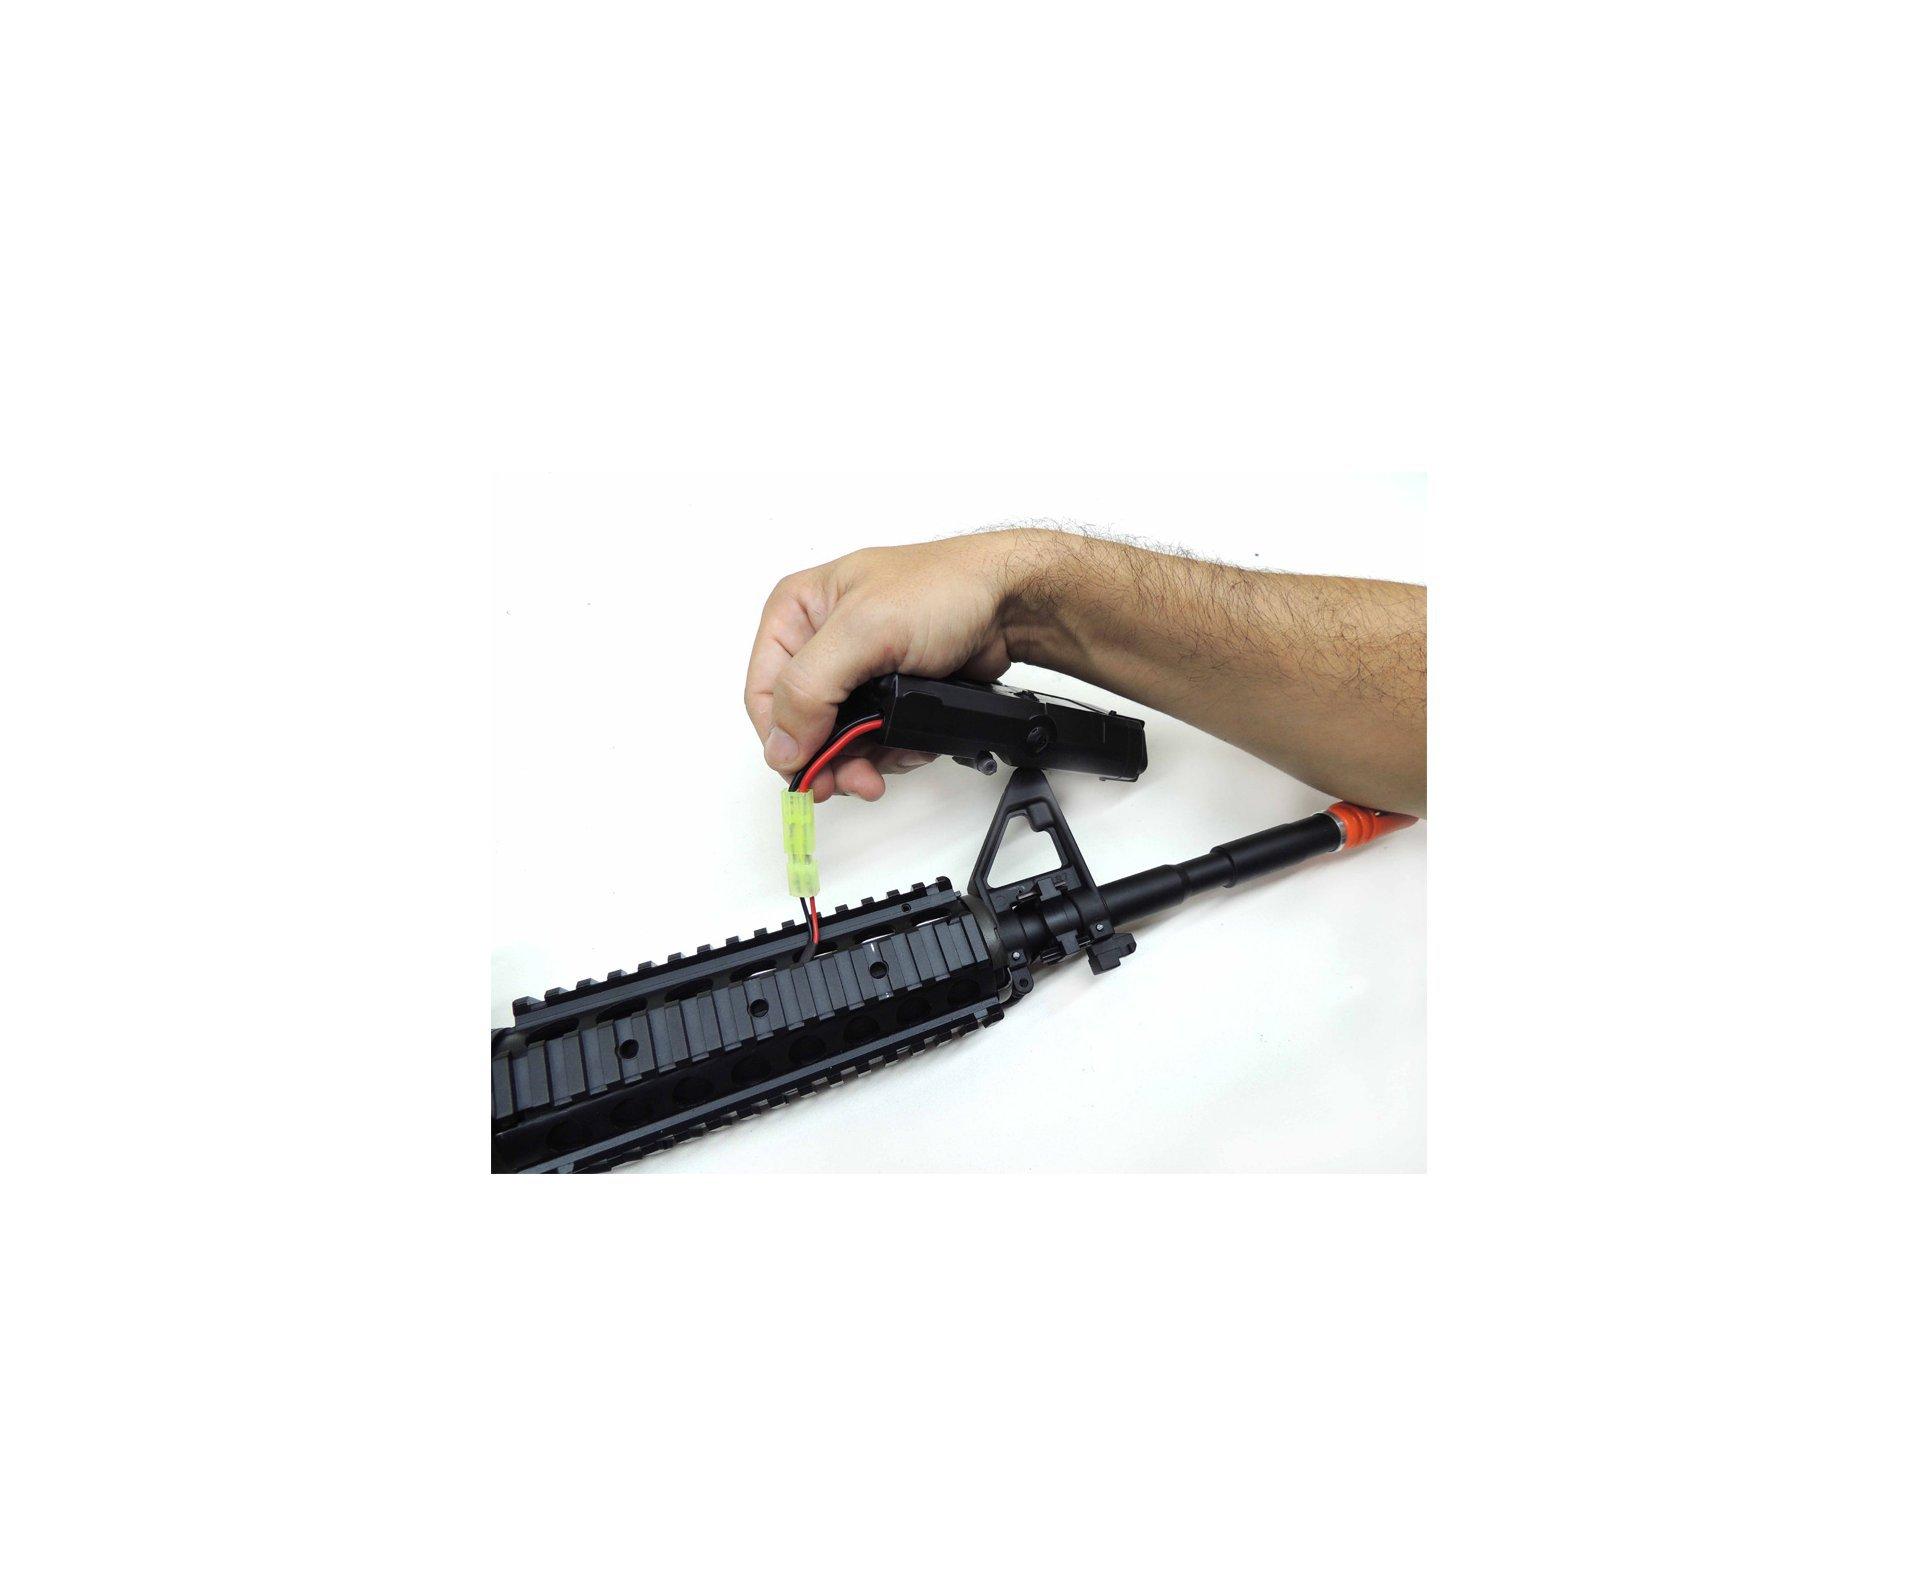 Rifle De Airsoft Colt M4a1ris Cal 6,0 Mm - King Arms + Farda Acu Digital Urban Swiss+arms - Tamanho P